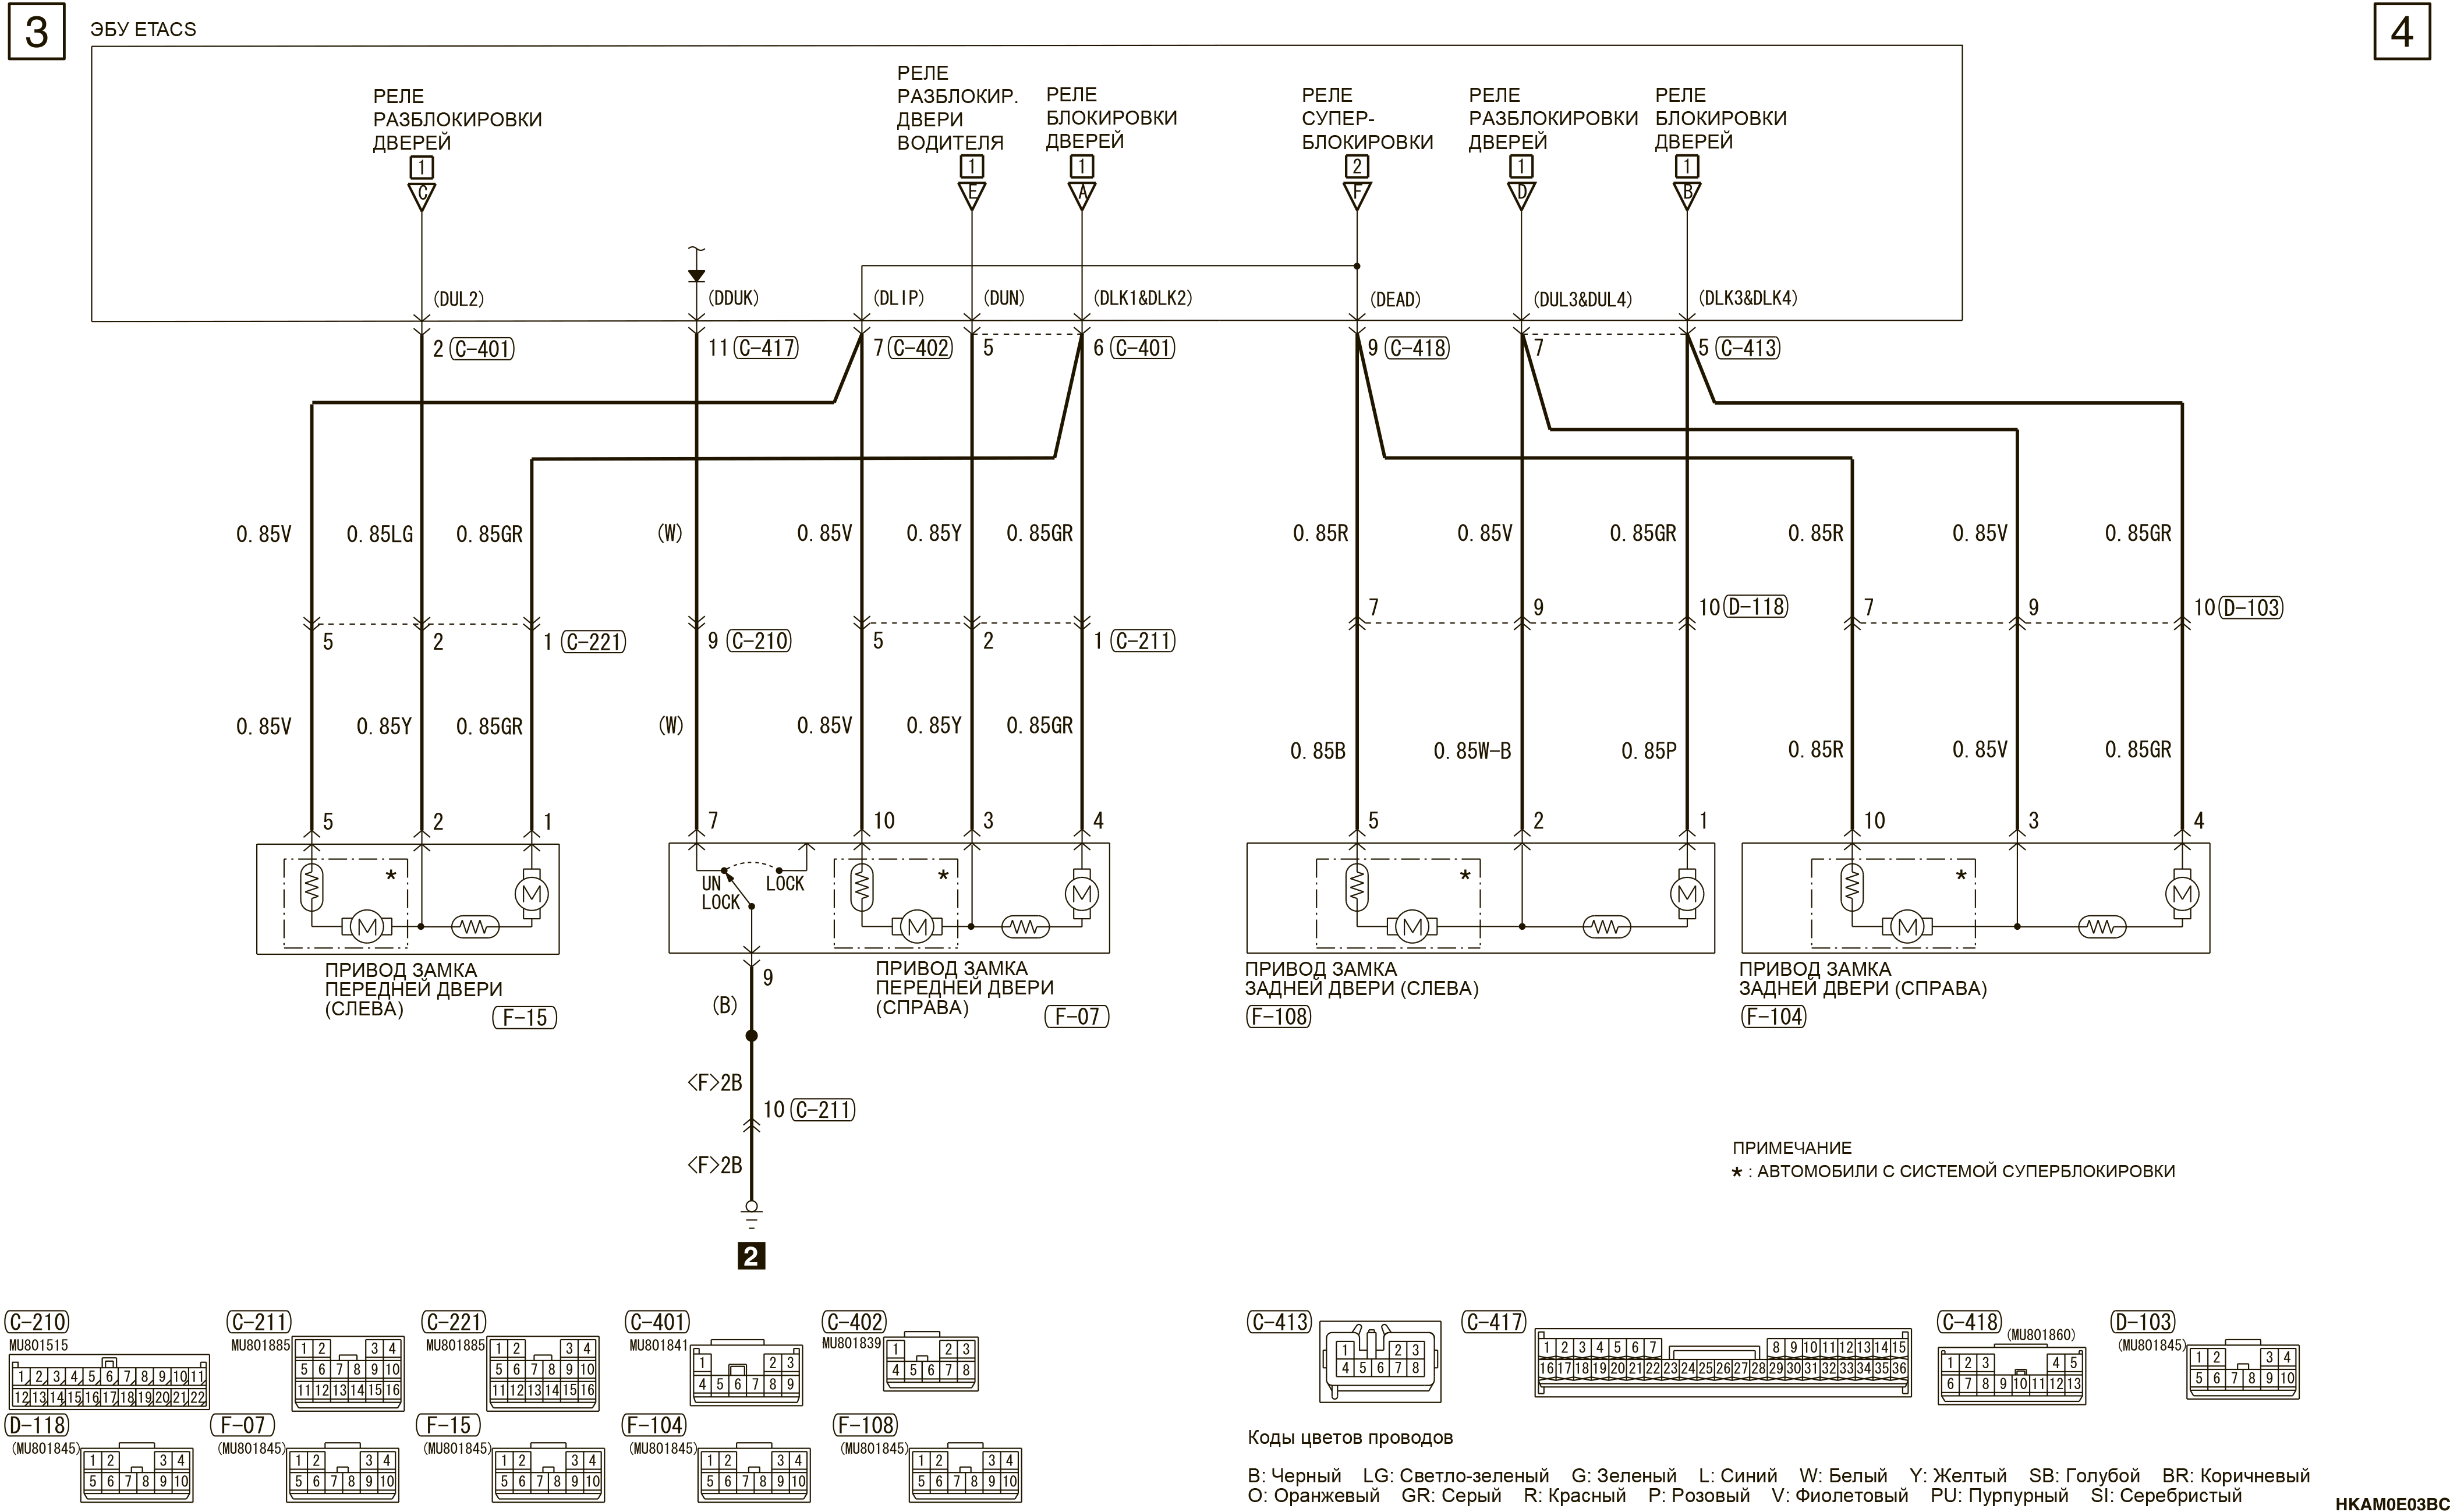 mmc аутлендер 3 2019 электросхемаСИСТЕМА ЦЕНТРАЛЬНОЙ БЛОКИРОВКИ ЗАМКОВ ДВЕРЕЙ АВТОМОБИЛИ БЕЗ СИСТЕМЫ KOS (ПРАВАЯ СТОРОНА)